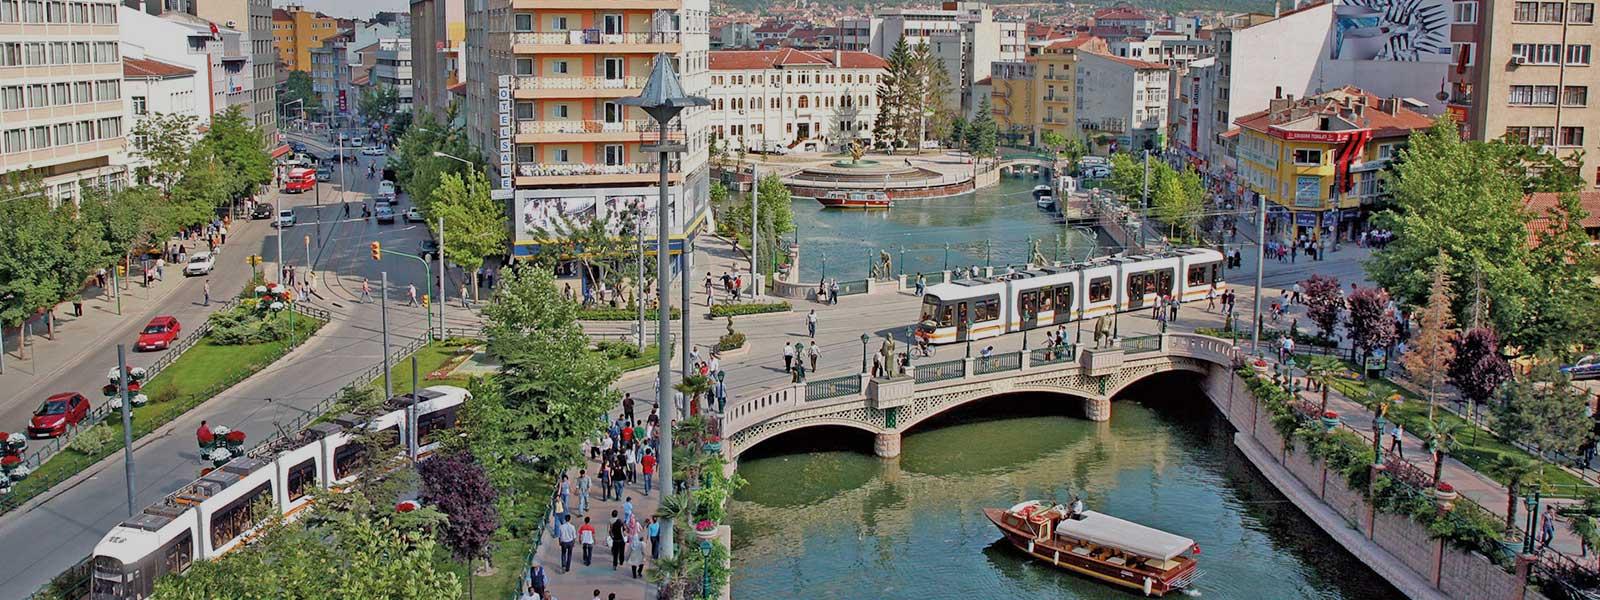 Eskisehir City Turkey